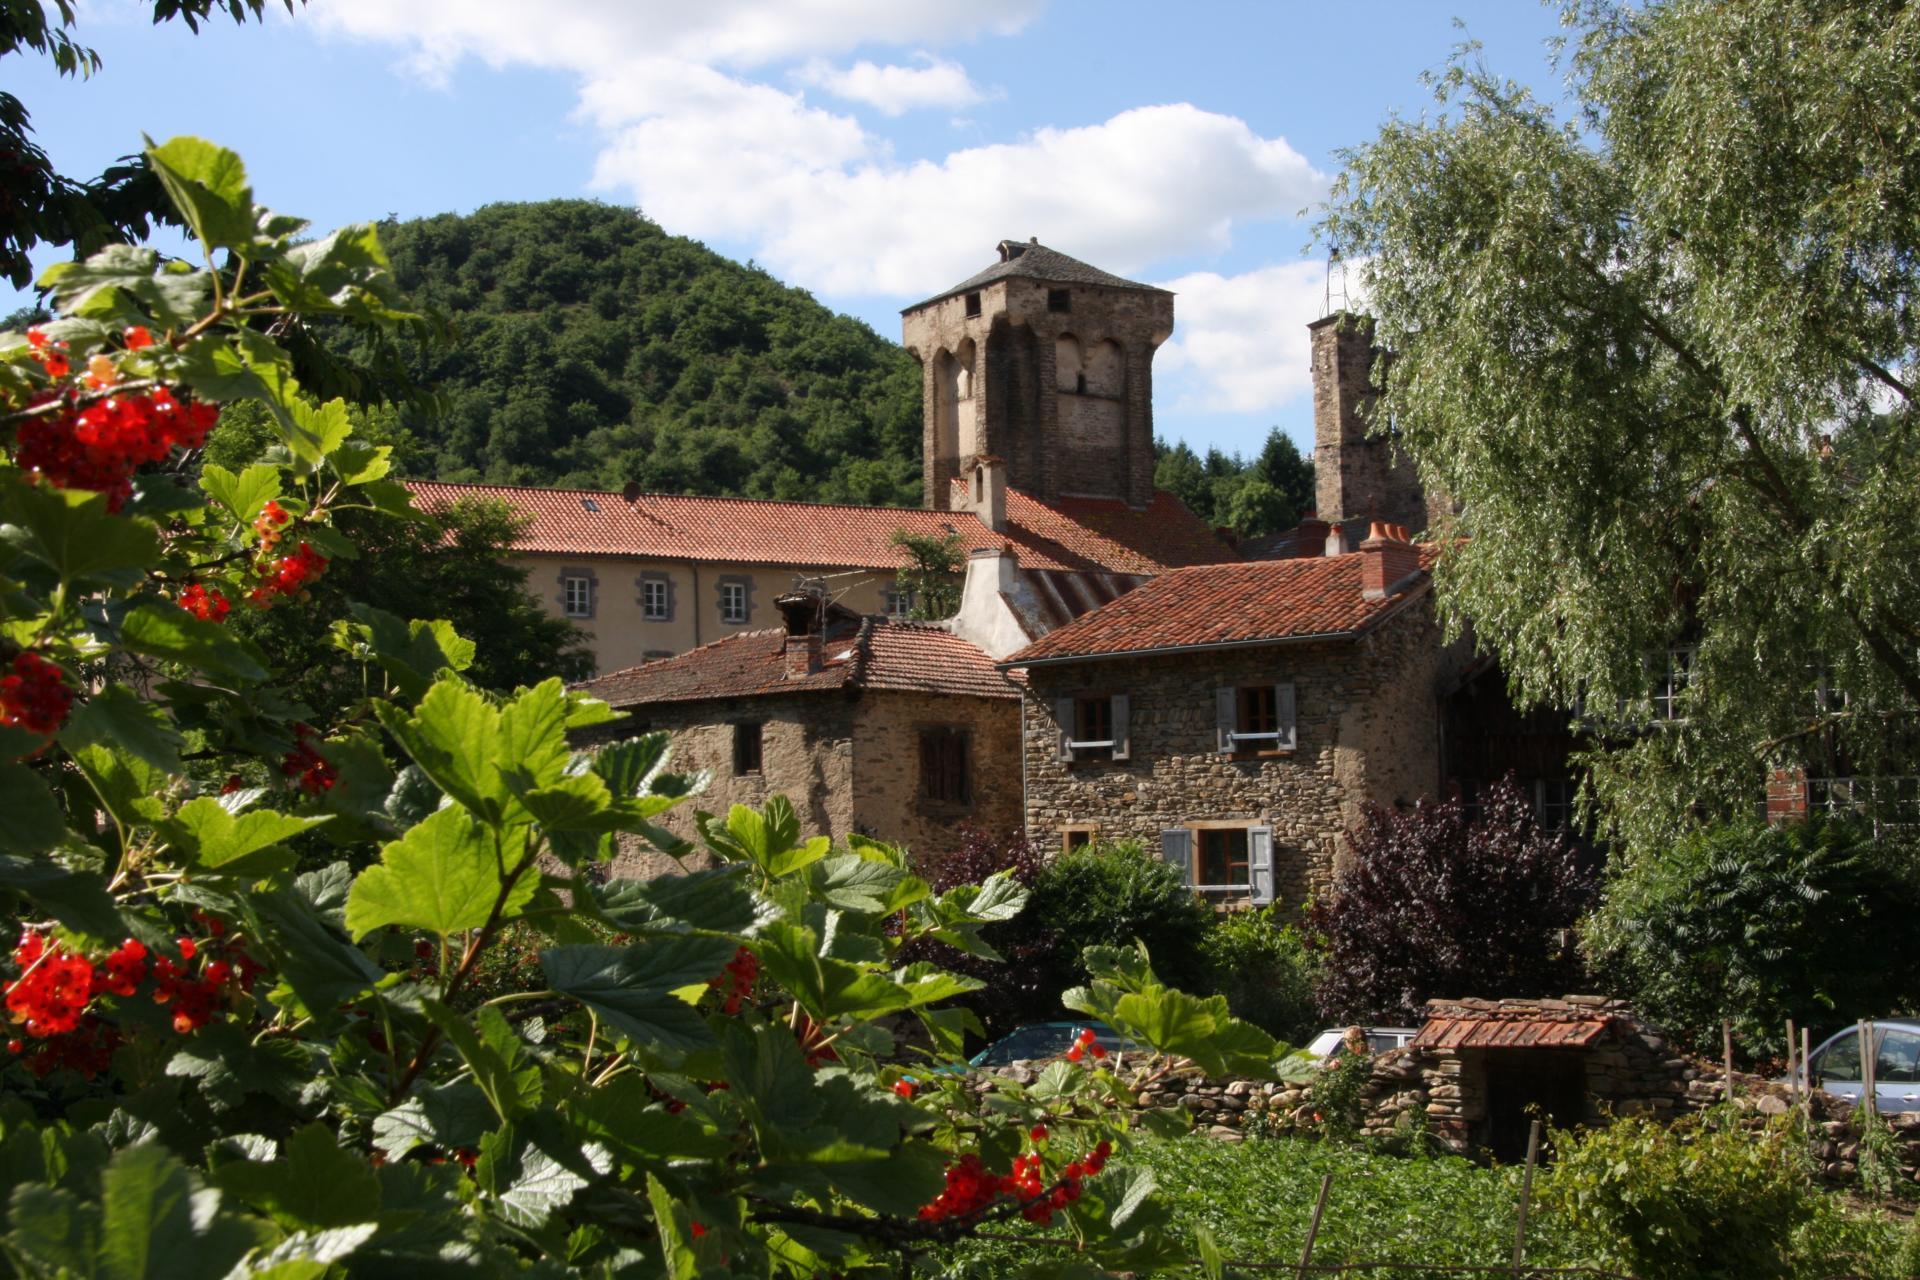 Village de Blesle sur Allagnon